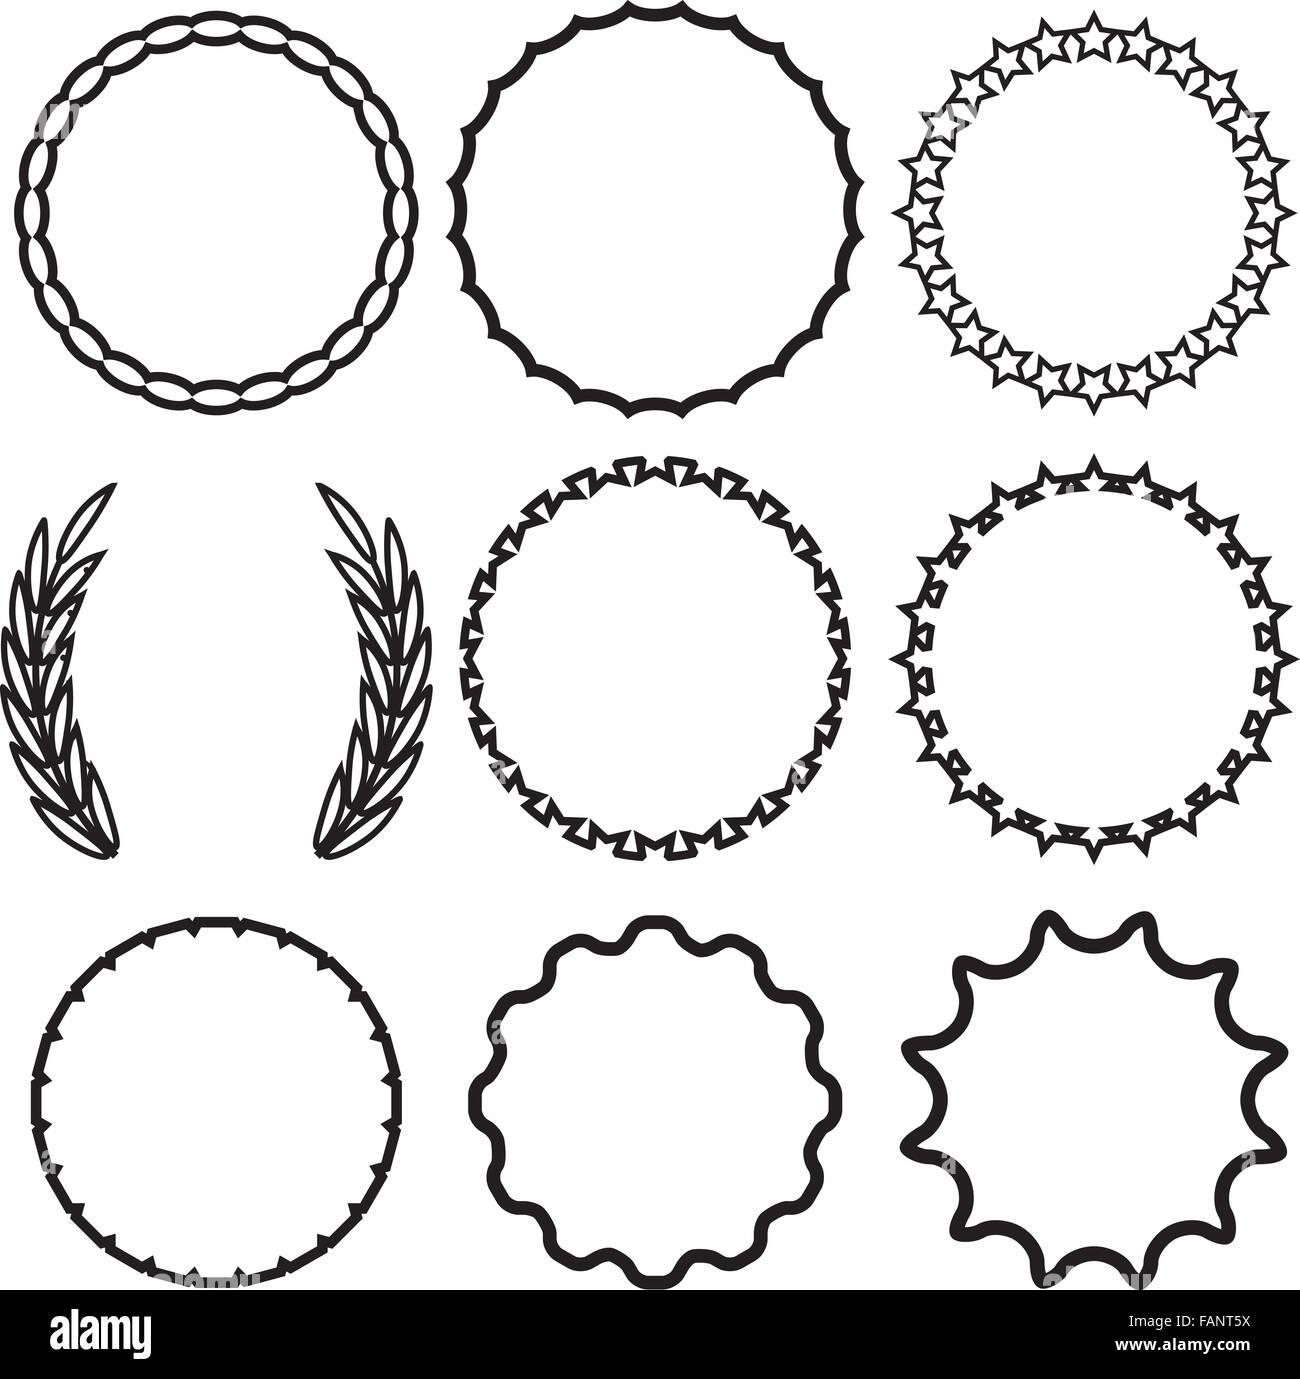 Amado Definir o modelo de decoração da estrutura rodada. Círculo Vintage  TC04